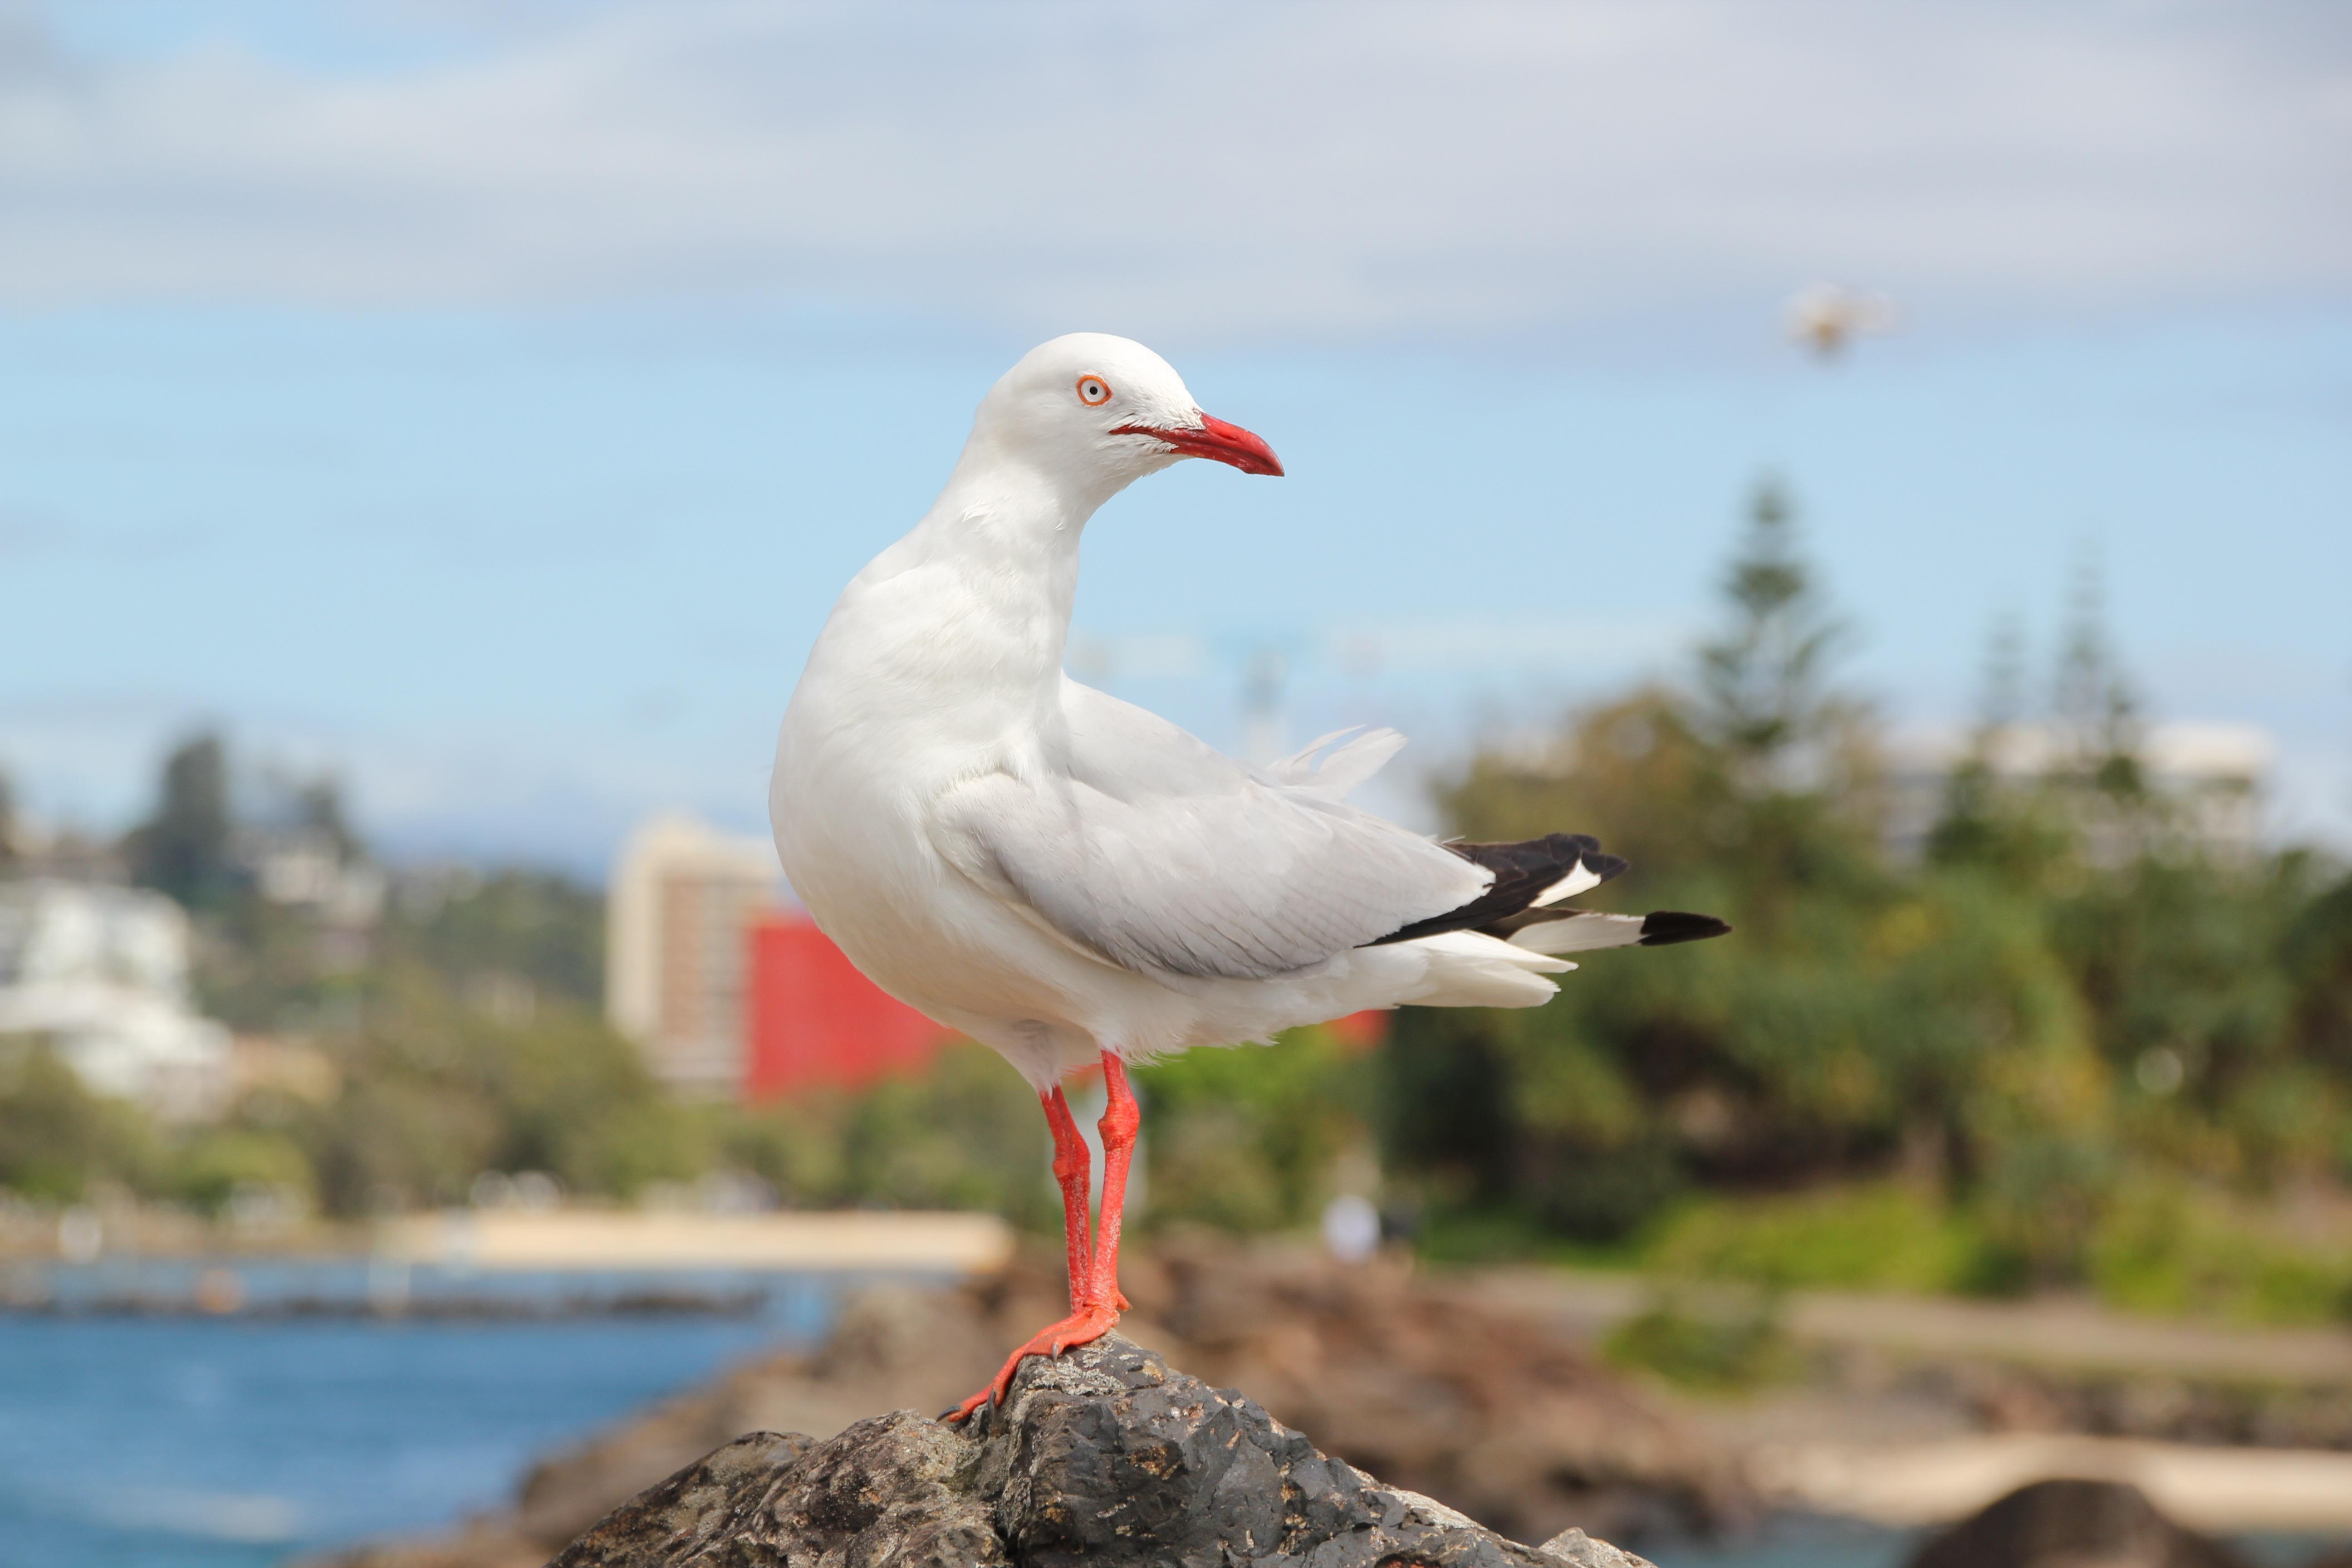 Ζεστό για να πάρει ένα μεγάλο πουλί